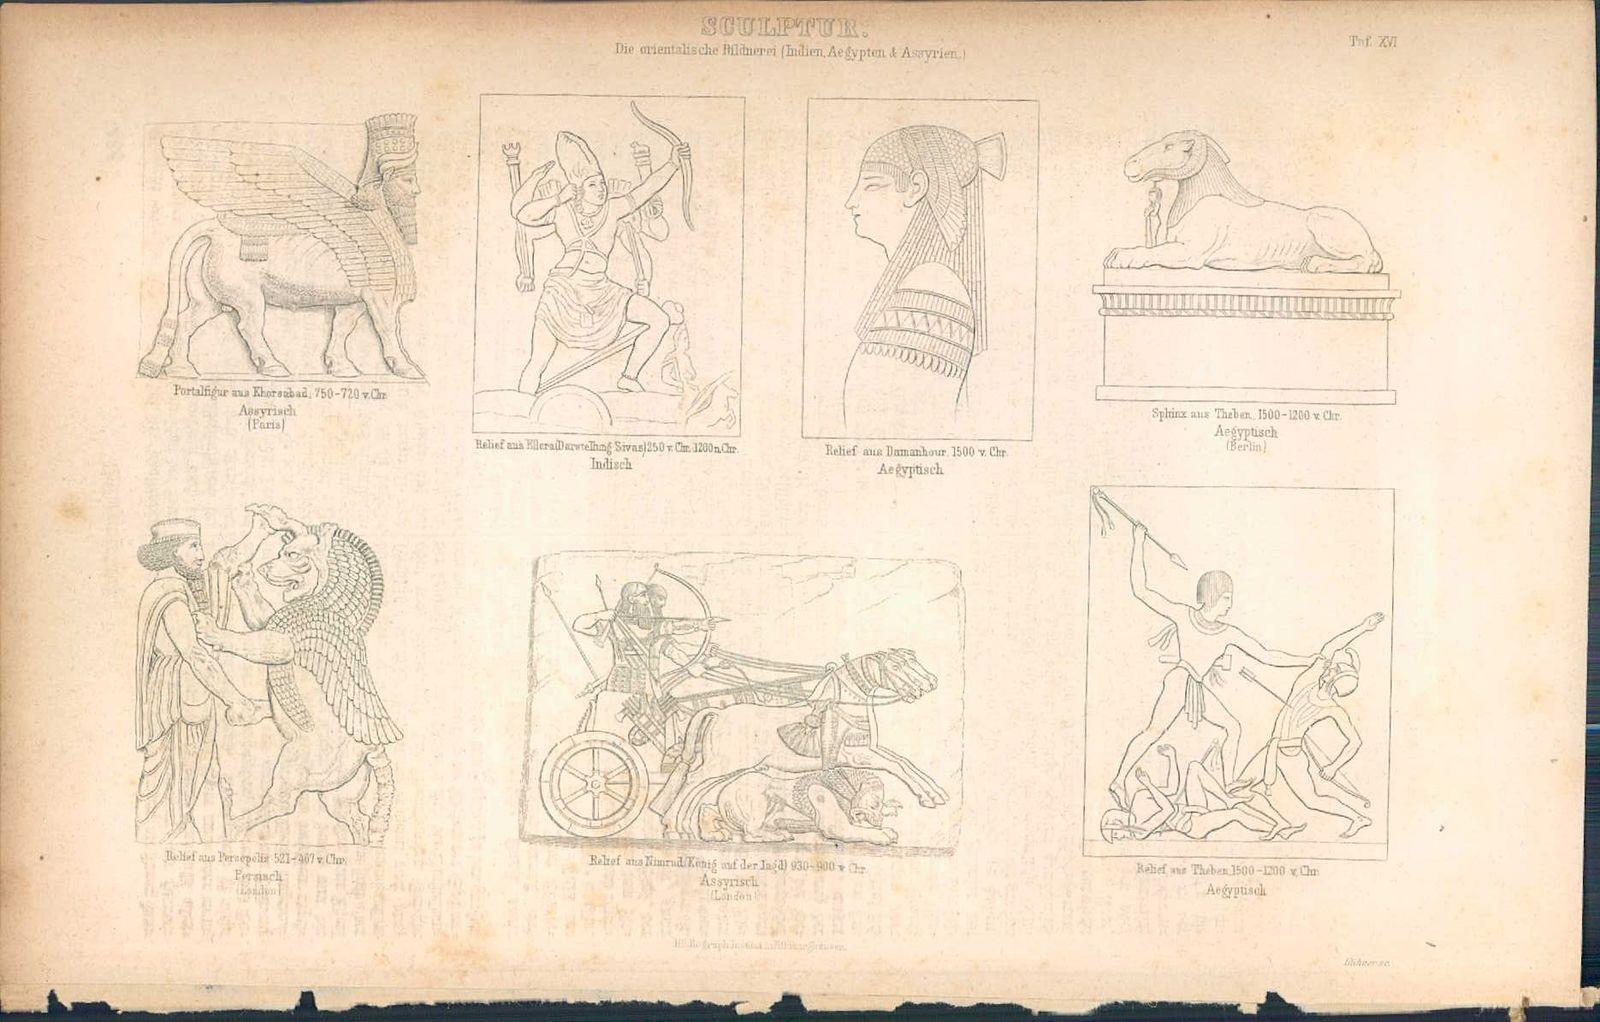 KD4647 - Stich Druck - 1871 - Sculptur die orientalische Bildnerei 7 Ansichten: